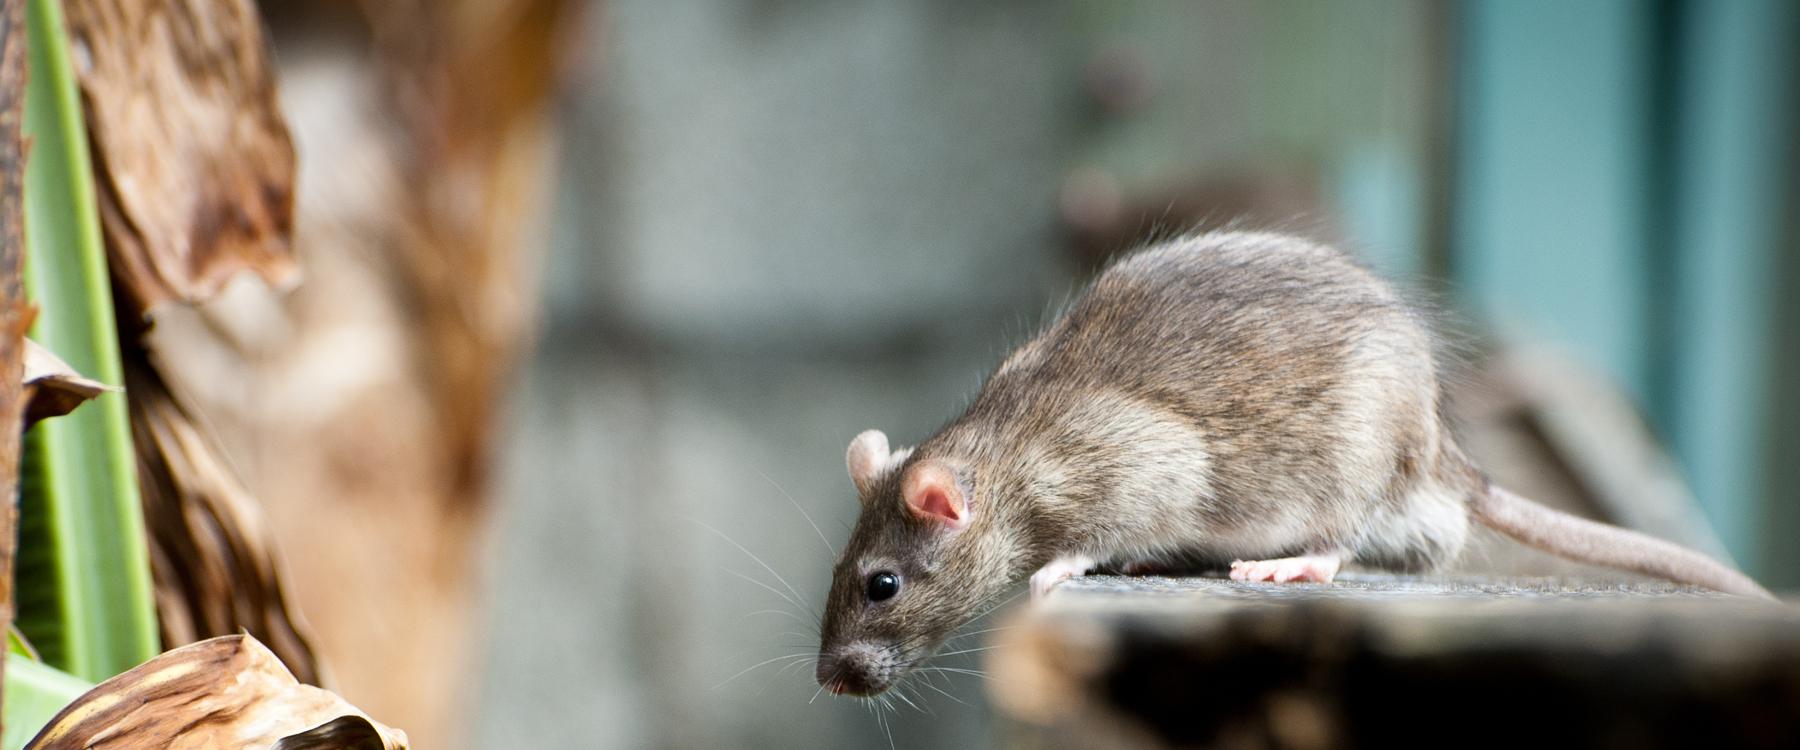 Comment Se Débarrasser Des Souris Et Des Rats | Caa-Québec concernant Comment Se Débarrasser Des Rats Dans Le Jardin